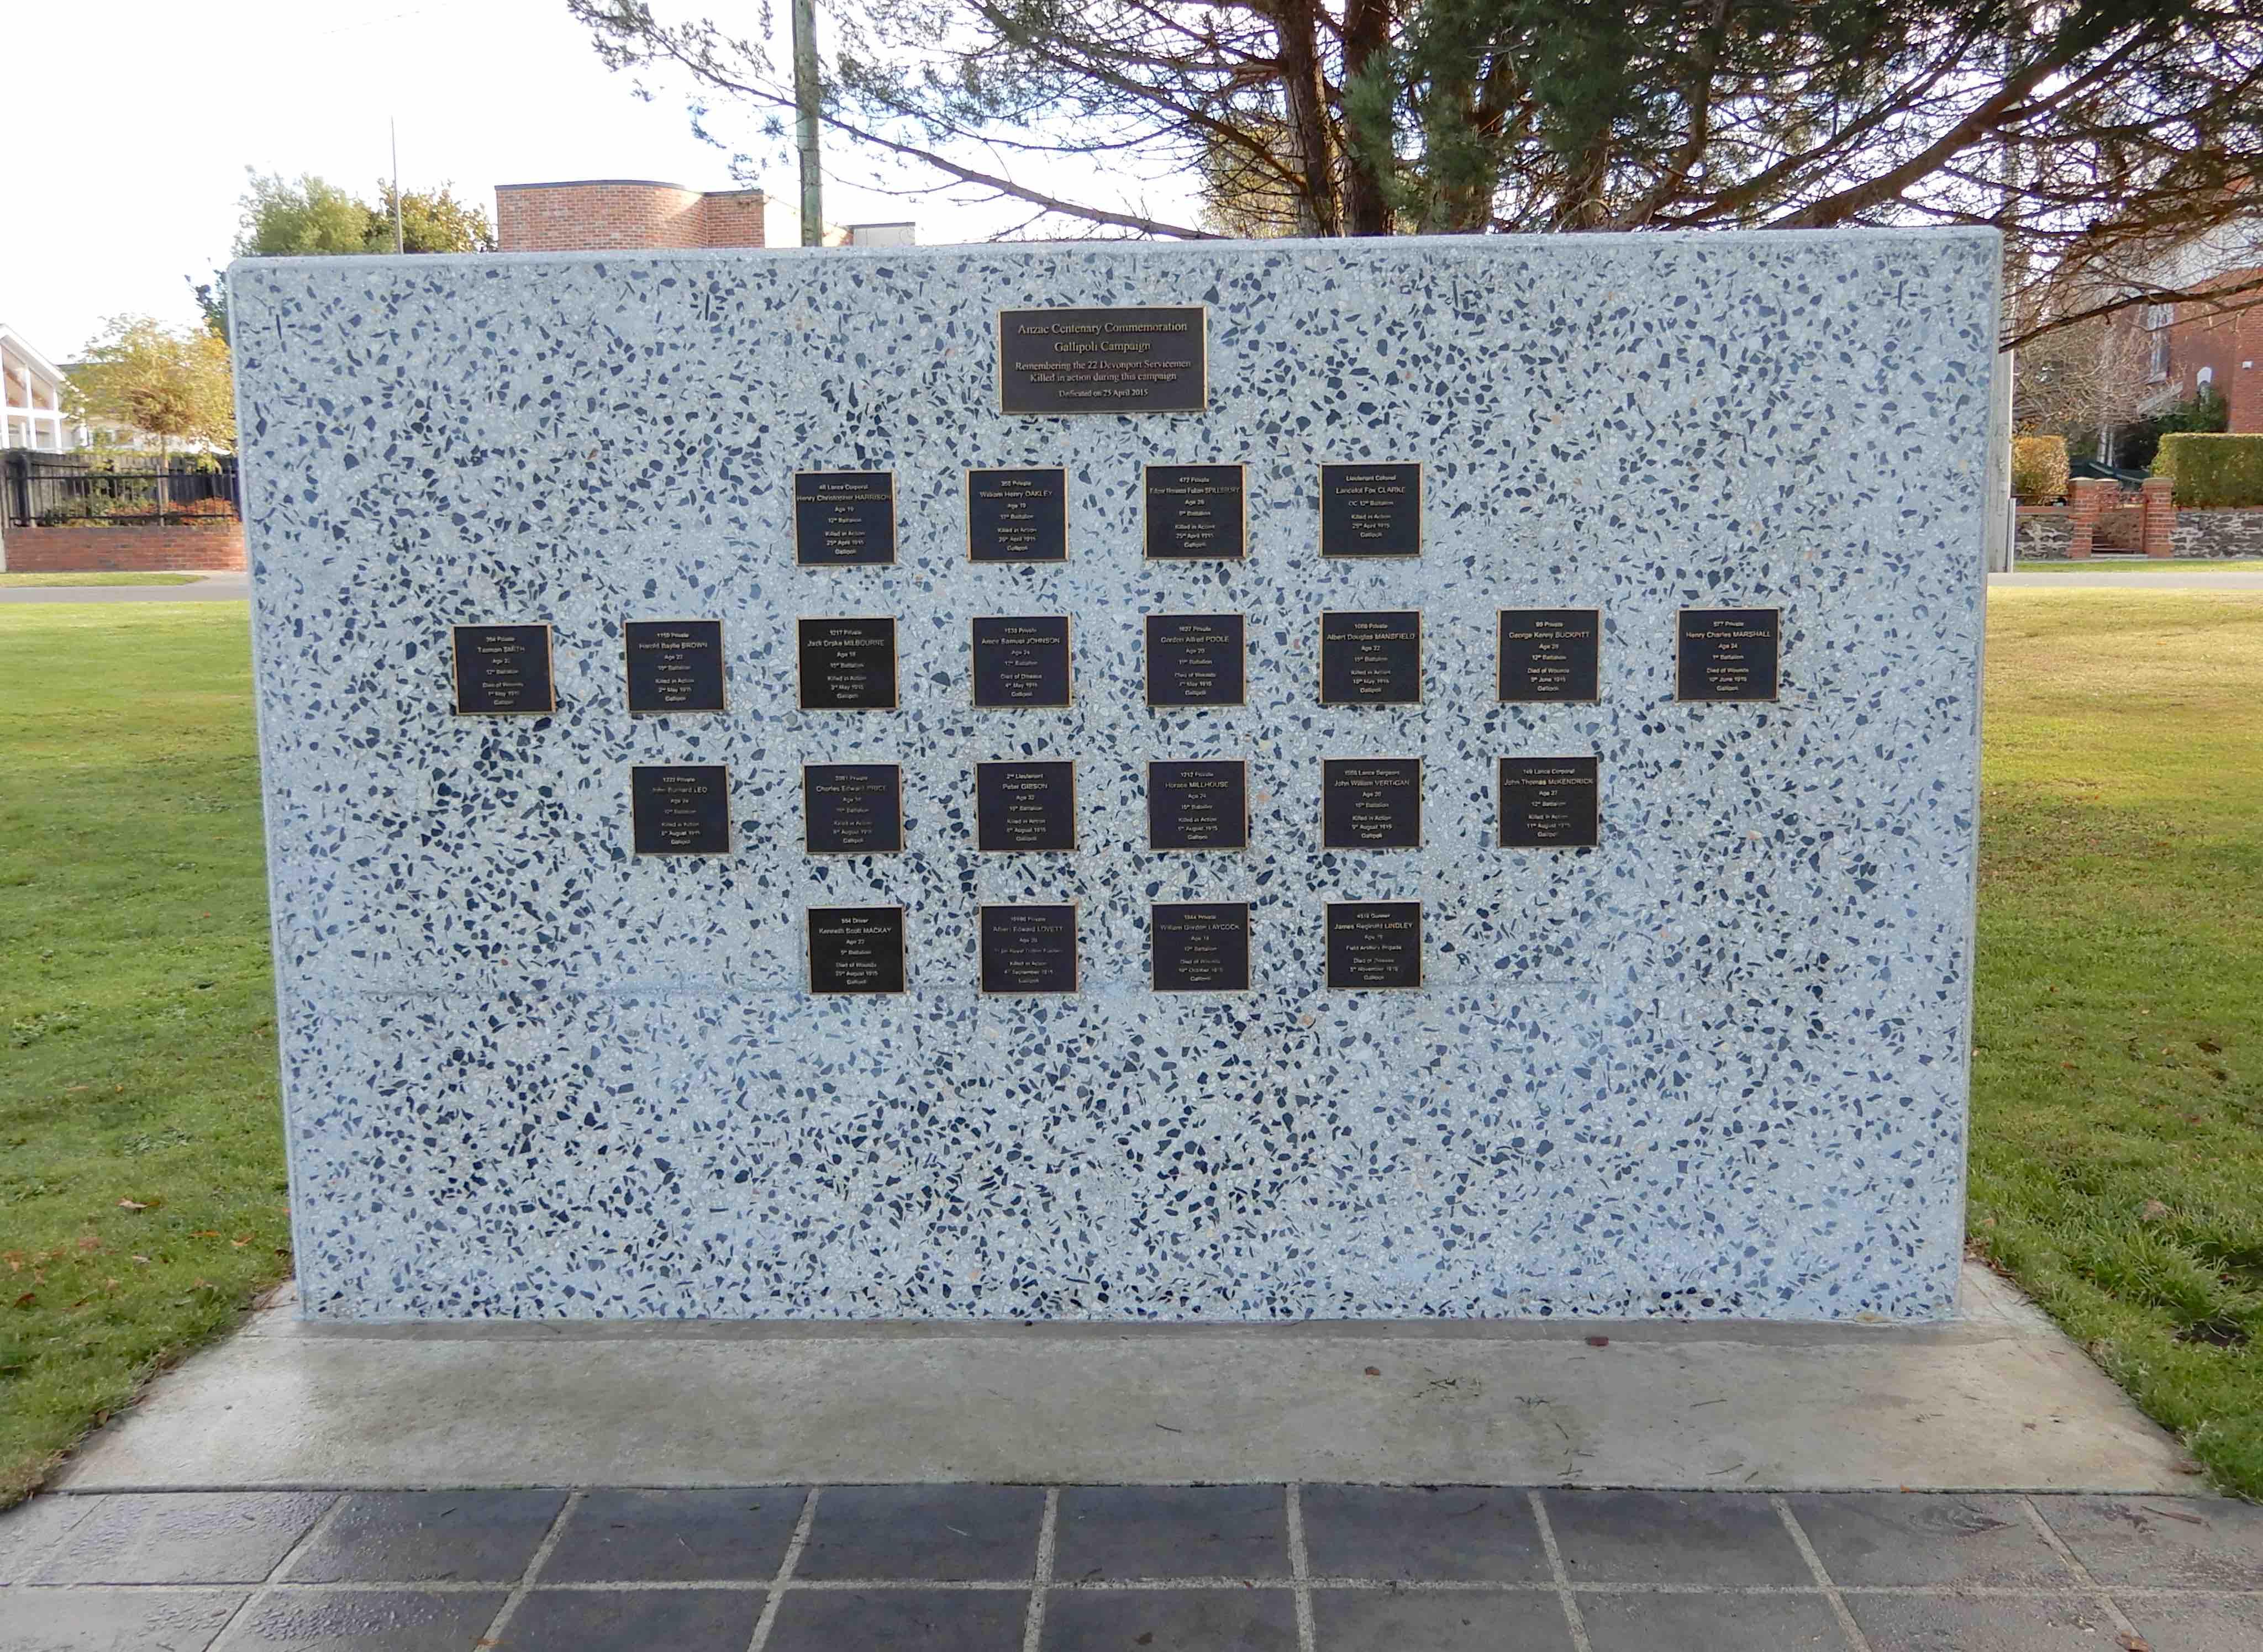 23.ANZAC Centenary Commemoration Gallipoli Campaign